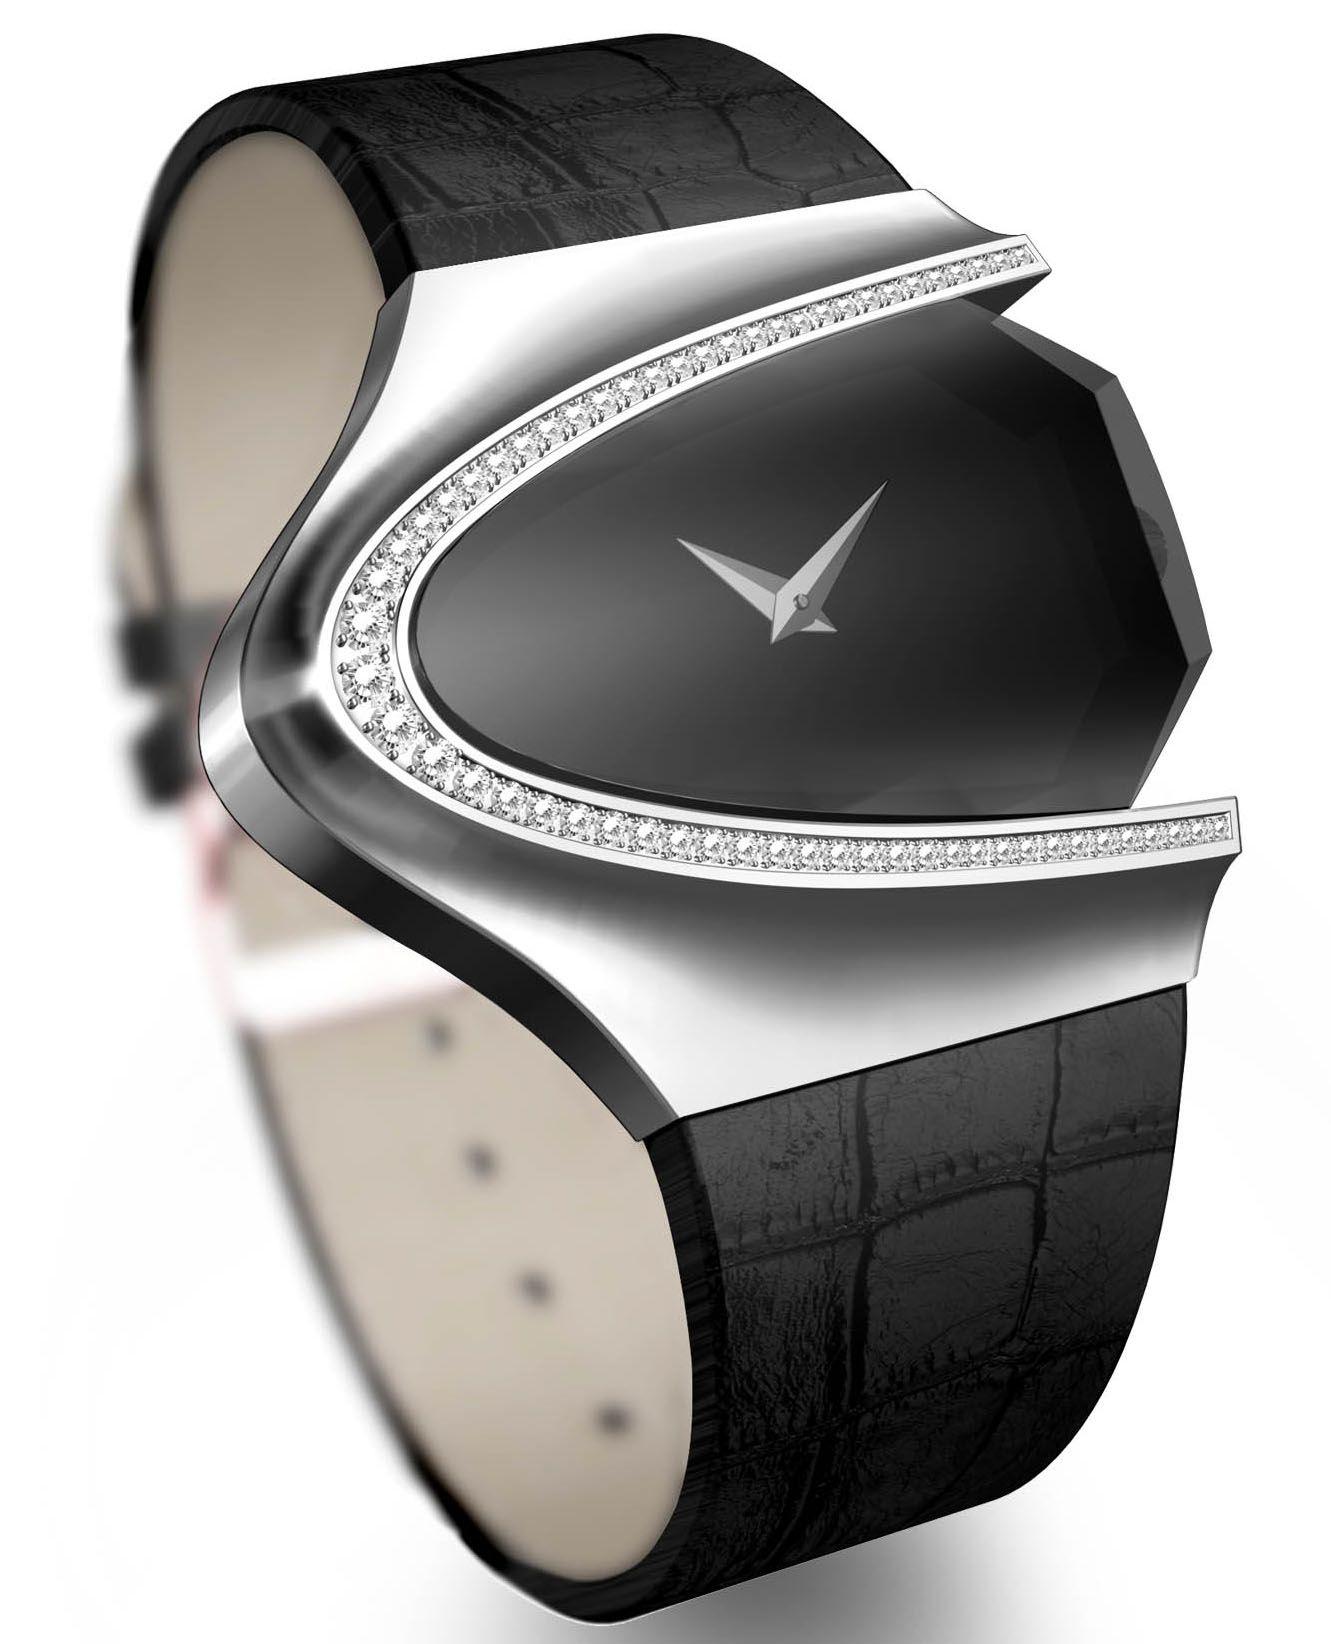 d2d30864494dc Siyah Saatler, Michael Kors Saat, Takı Yapımı, Kolyeler, Stil, Aksesuarlar,